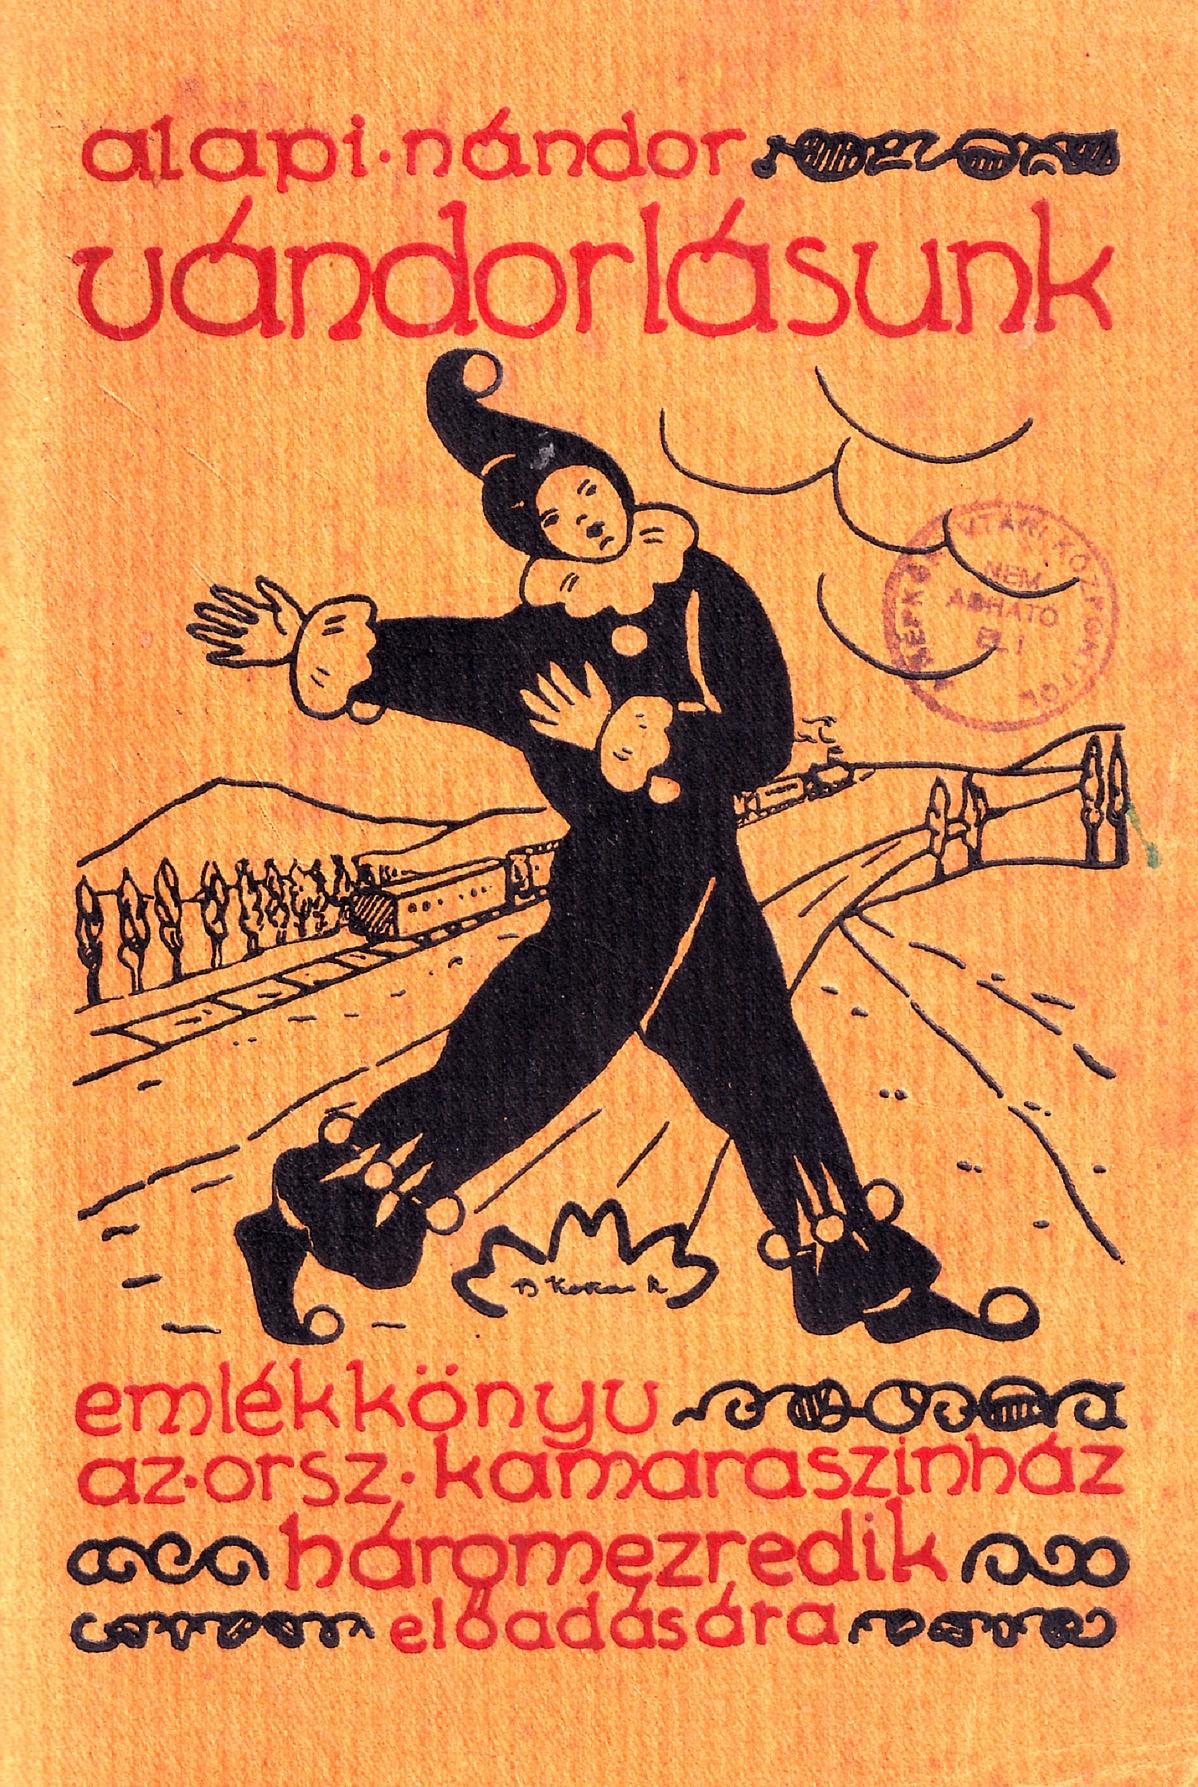 AlapiVandorlasunkcimlap-183529.jpg